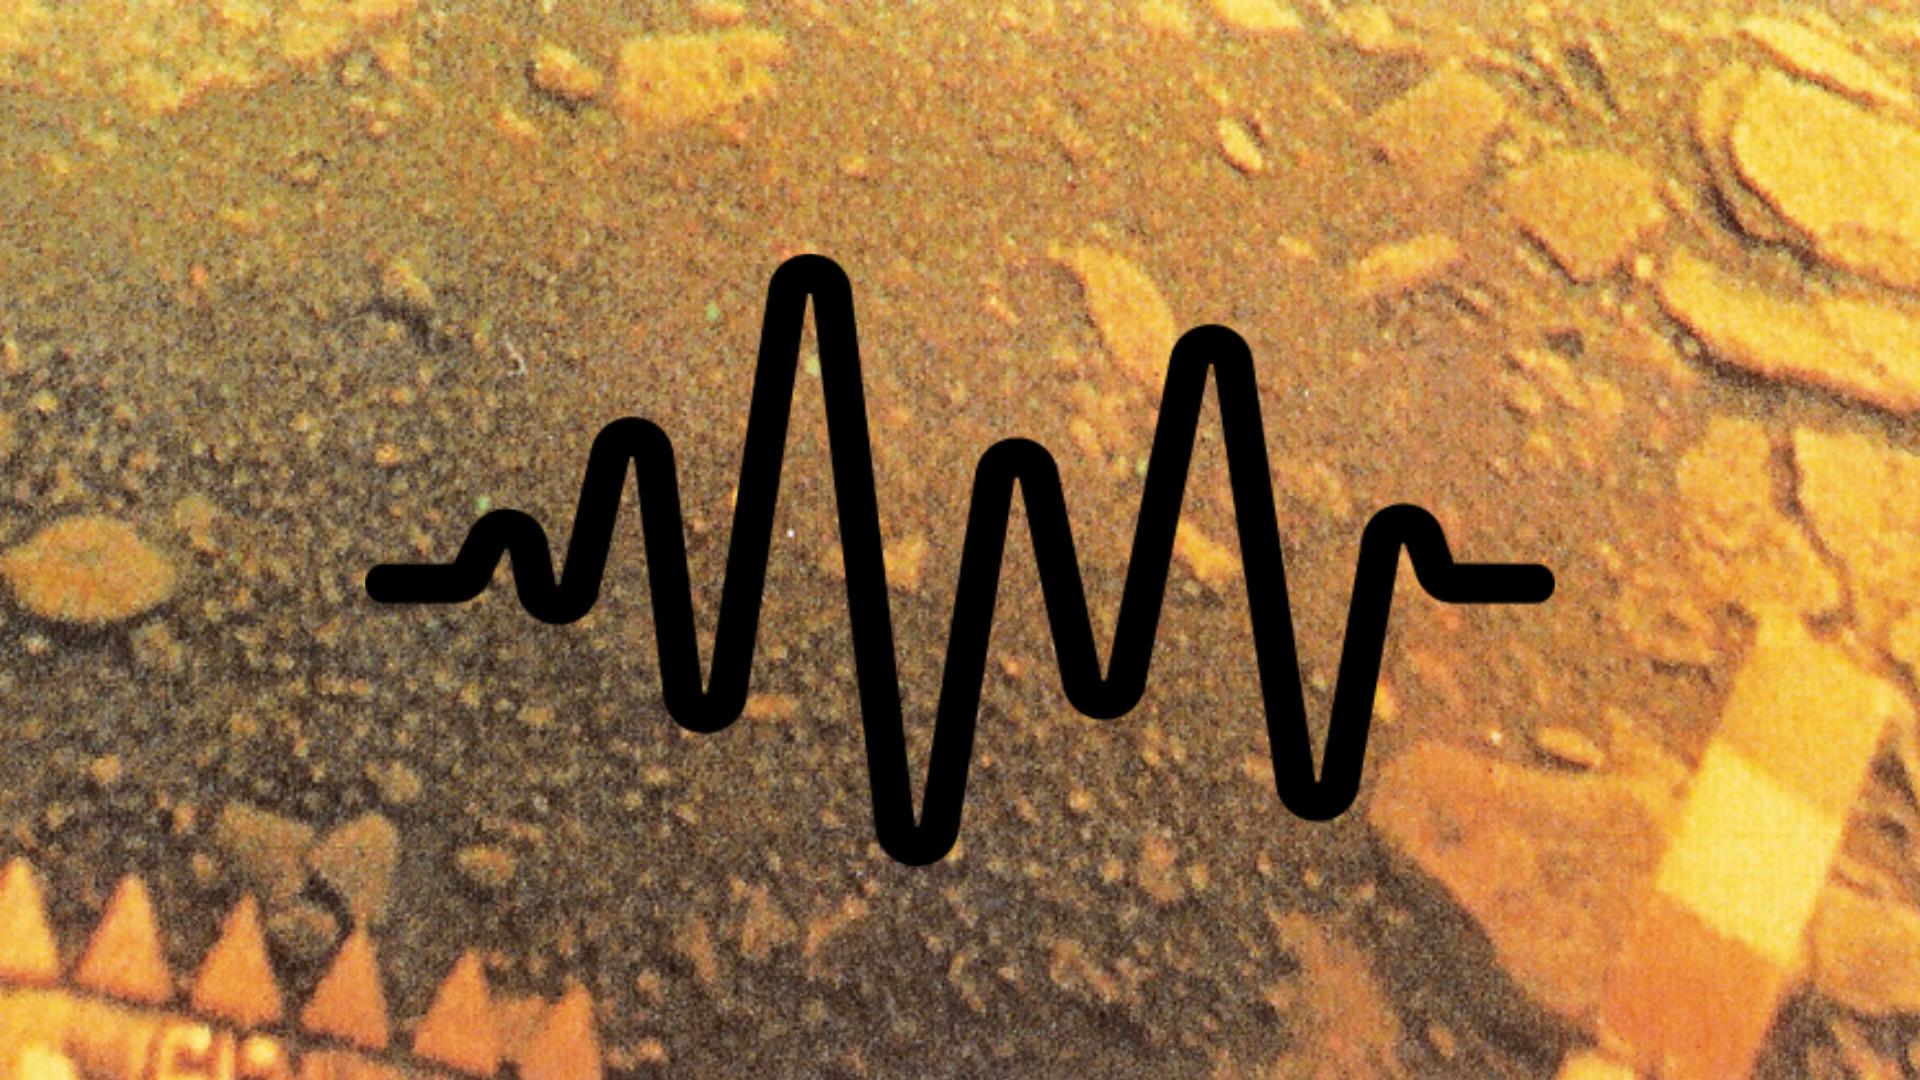 Les premiers sons d'une autre planète n'ont pas été enregistrés sur Mars - Numerama